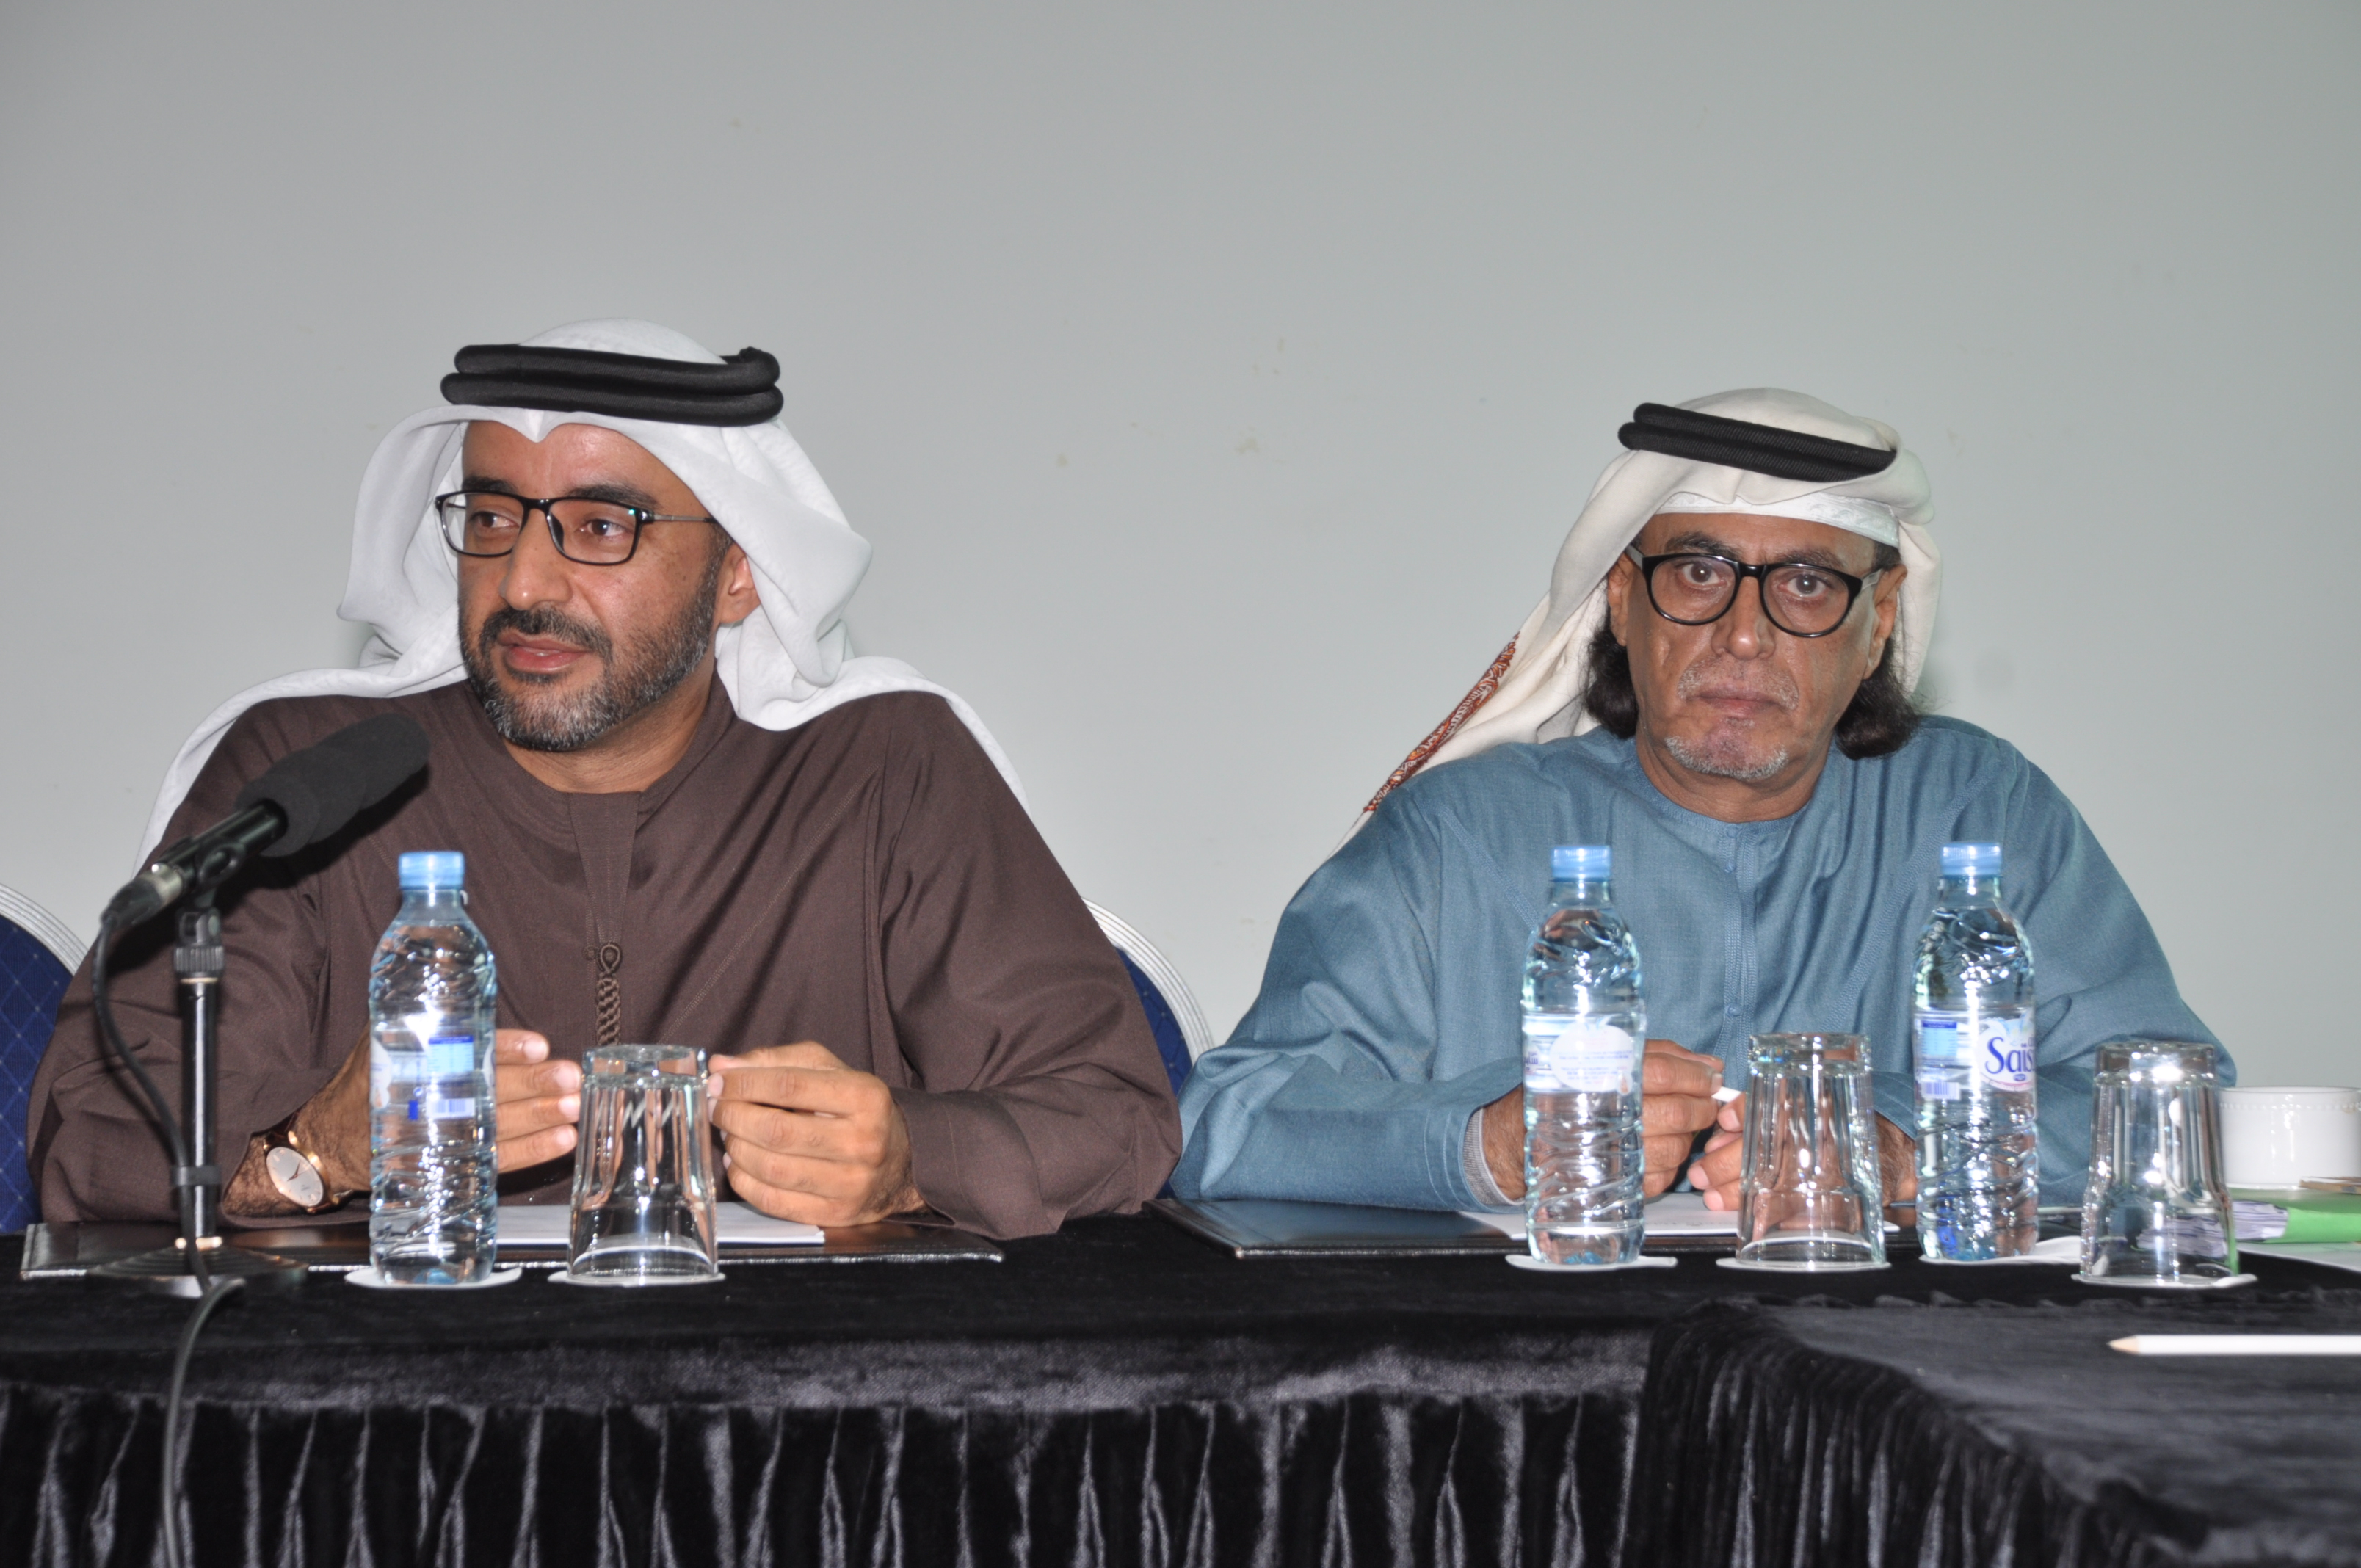 صورة جمعية الفجيرة الثقافية تبحث التعاون مع اتحاد كتاب المغرب